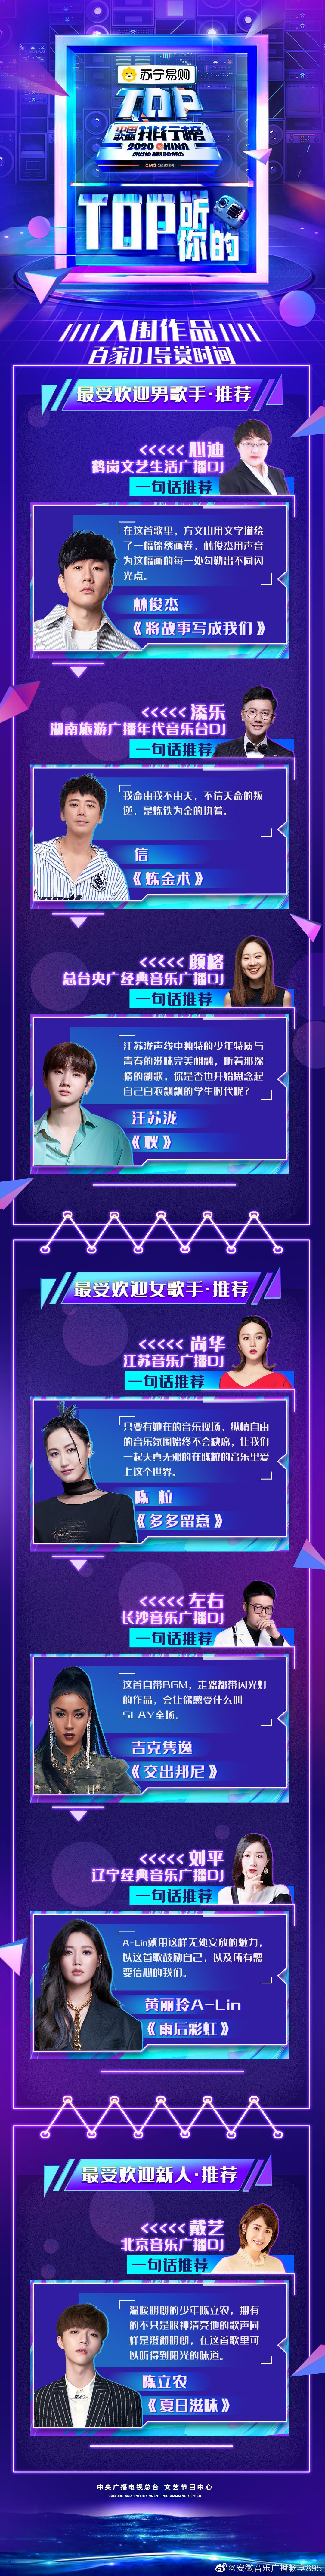 🔔您有新的中国歌曲TOP排行榜 订单 🎶 《TOP听你的》……